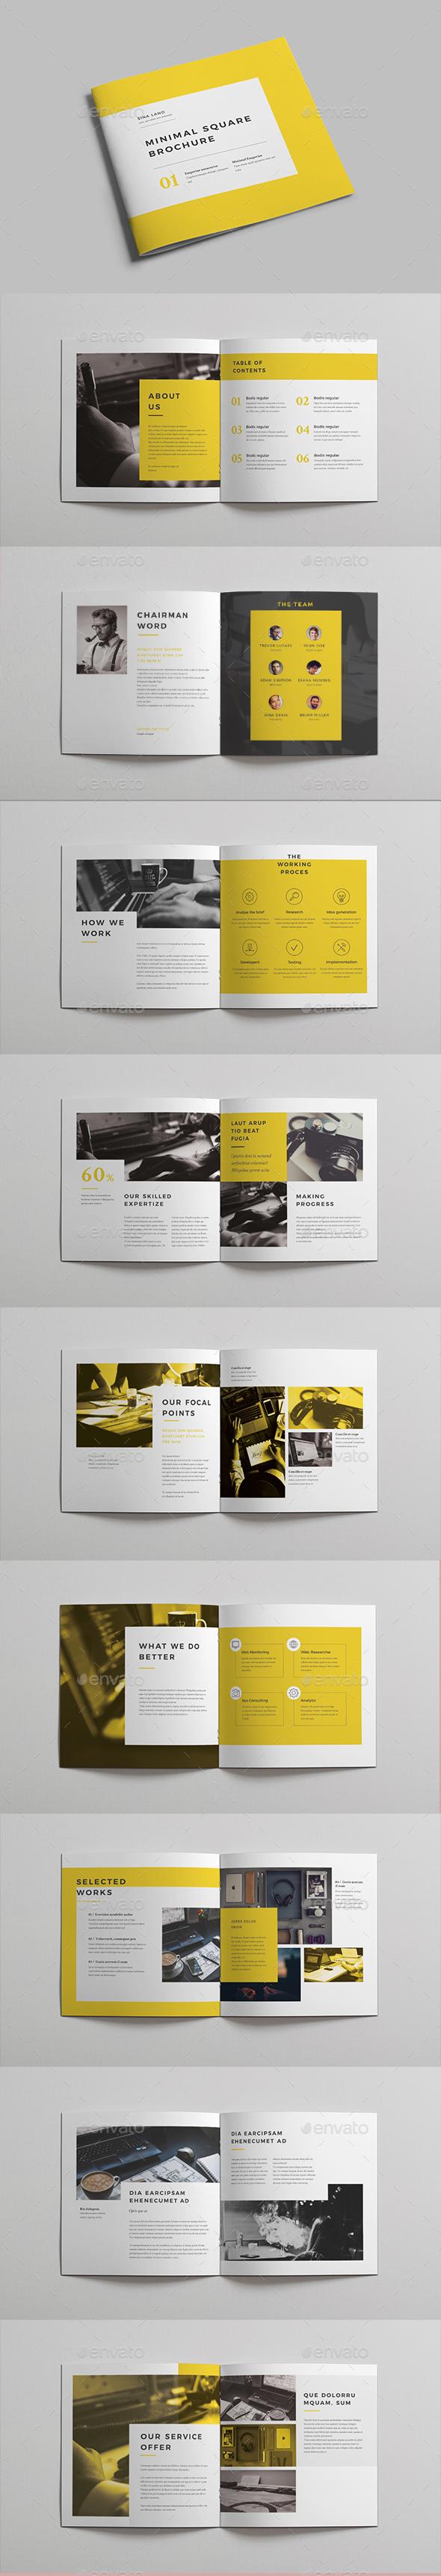 Minimal Square Brochure vol 2 - Brochures Print Templates